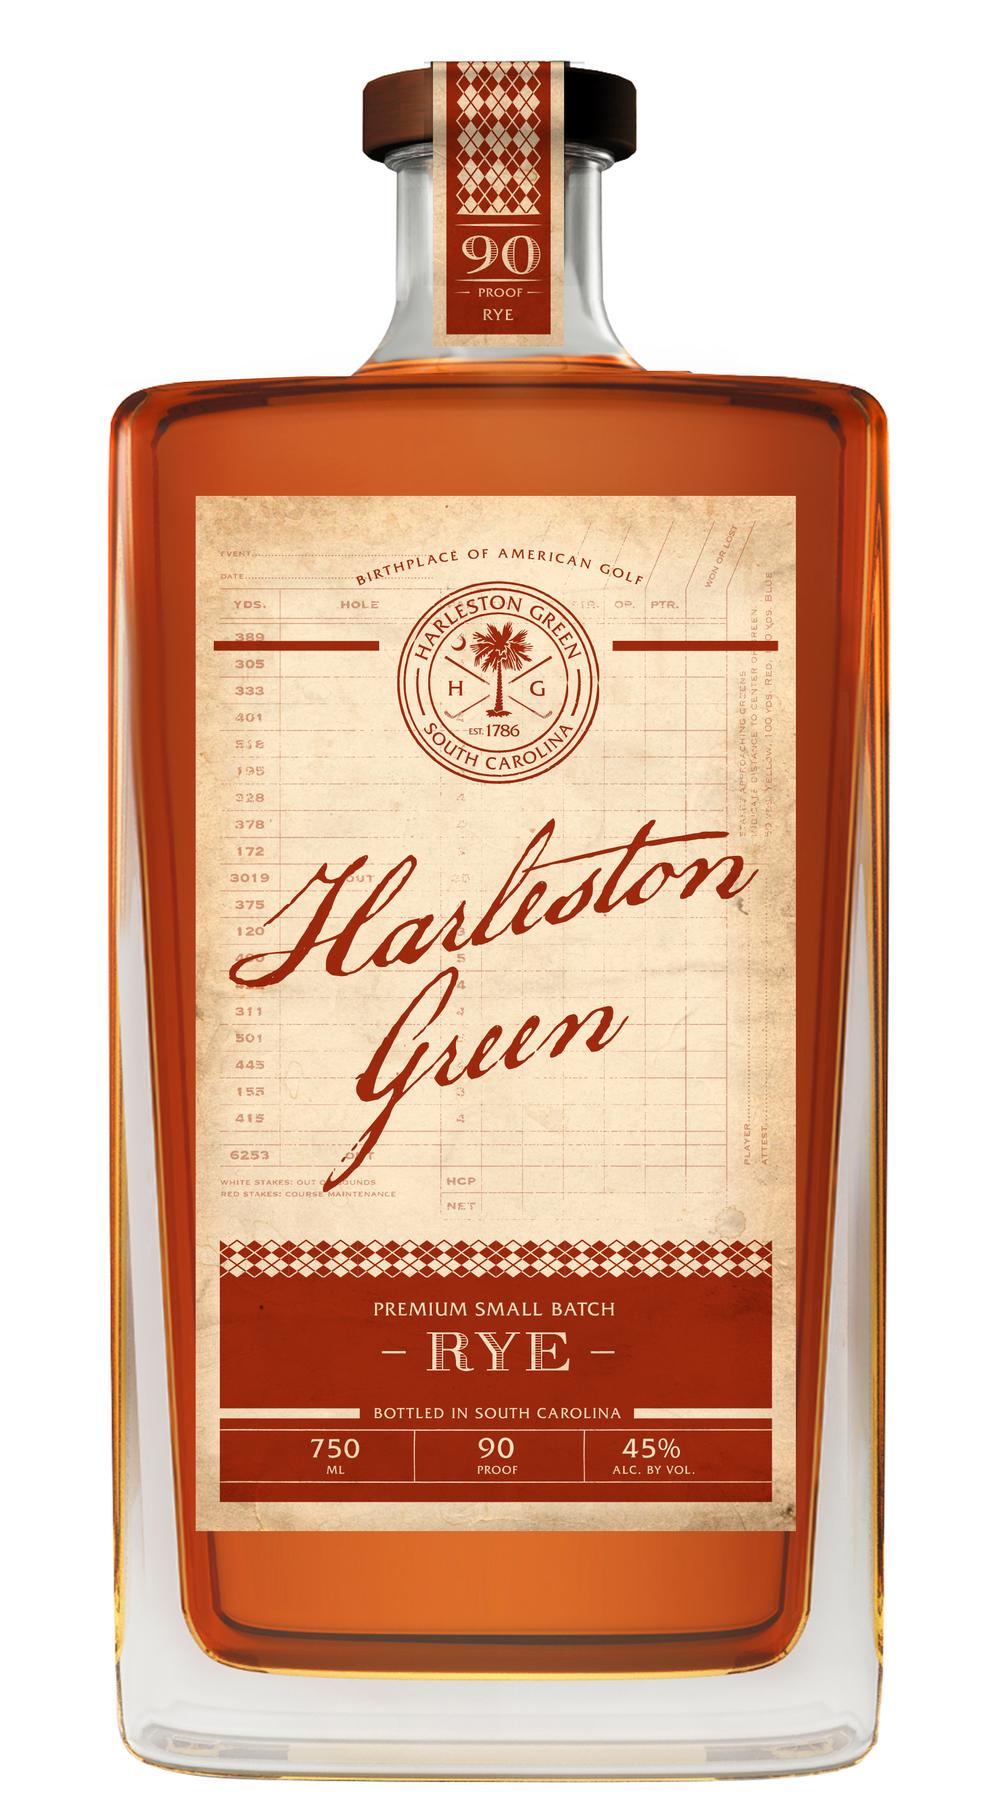 HG-Wide_Rye3 Paper Label.jpg